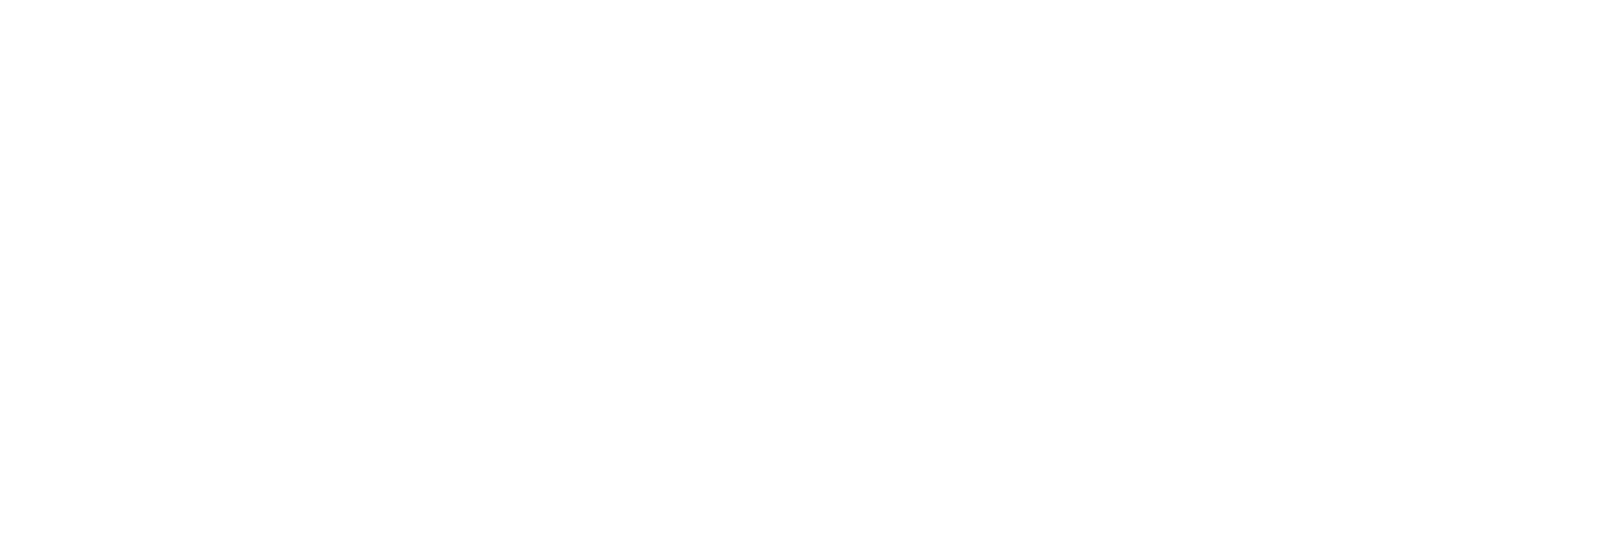 CUMULUS-MEDIA-Horizontal